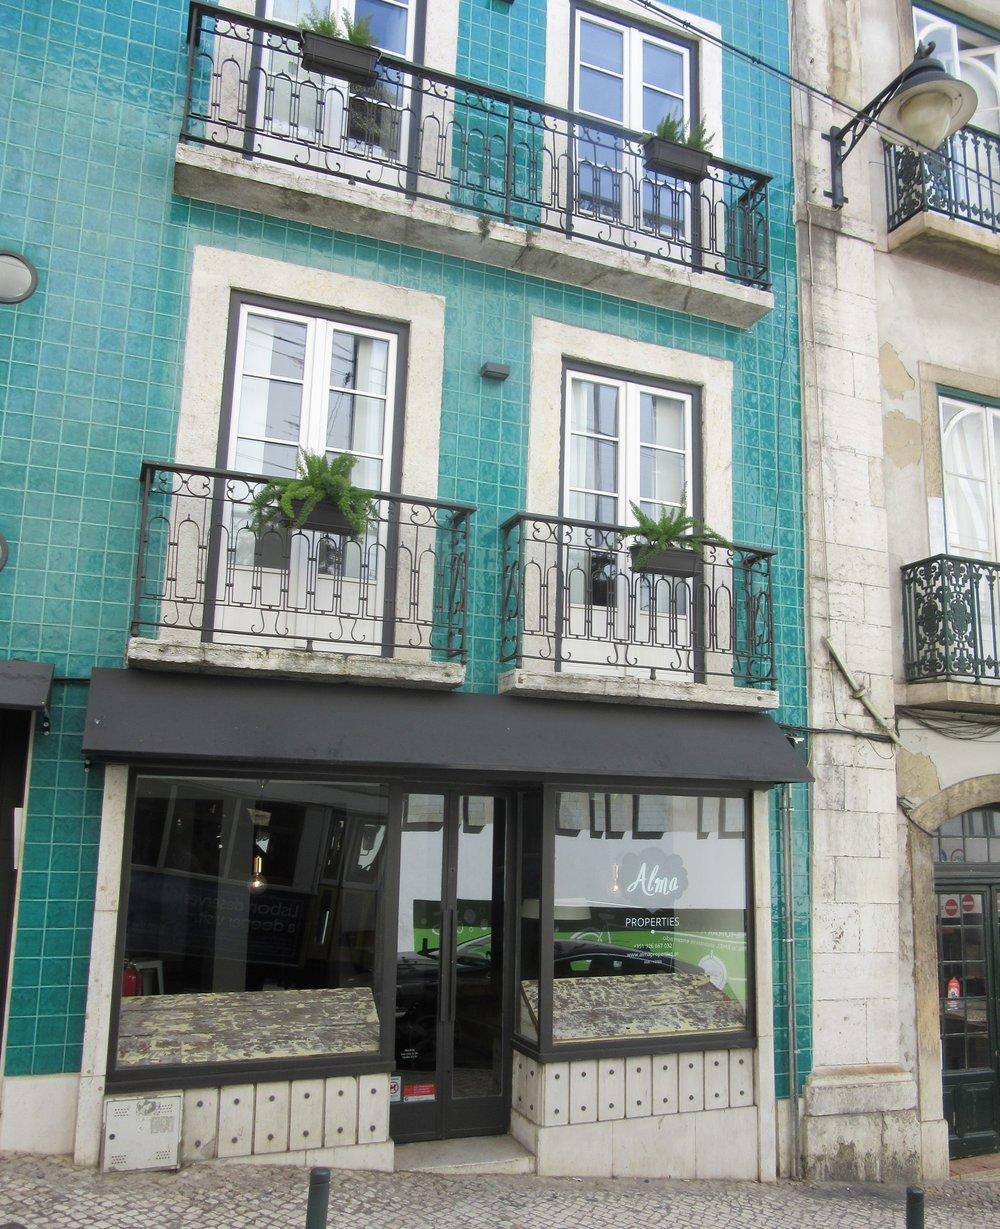 Lisbon colours: Turquoise